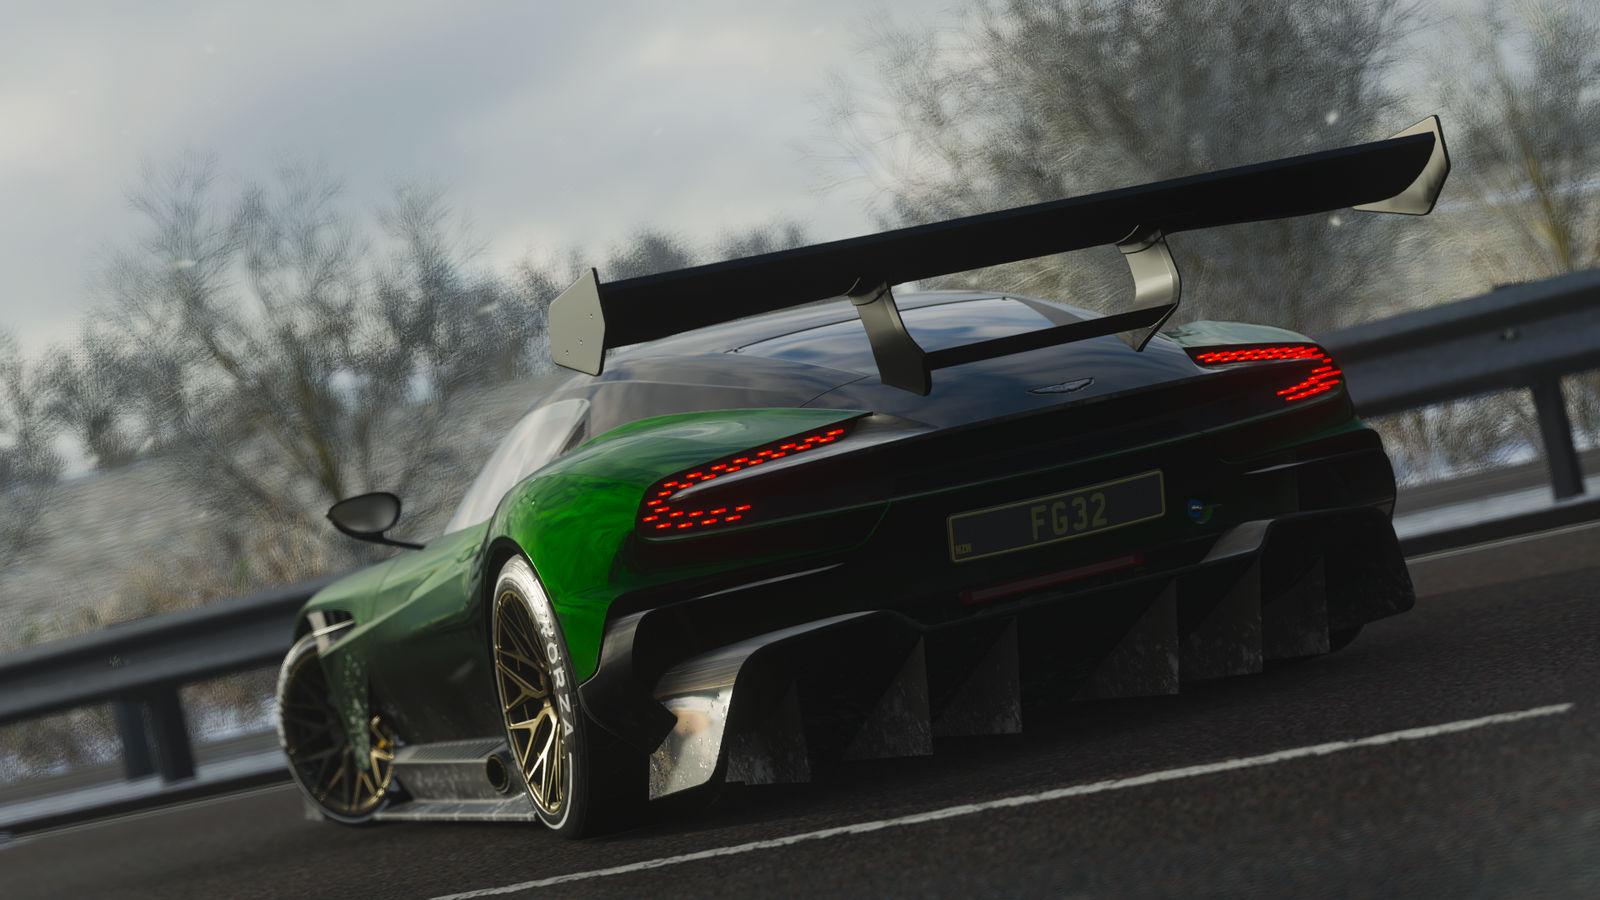 2016 Aston Martin Vulcan Fe By Forzagamer32 On Deviantart